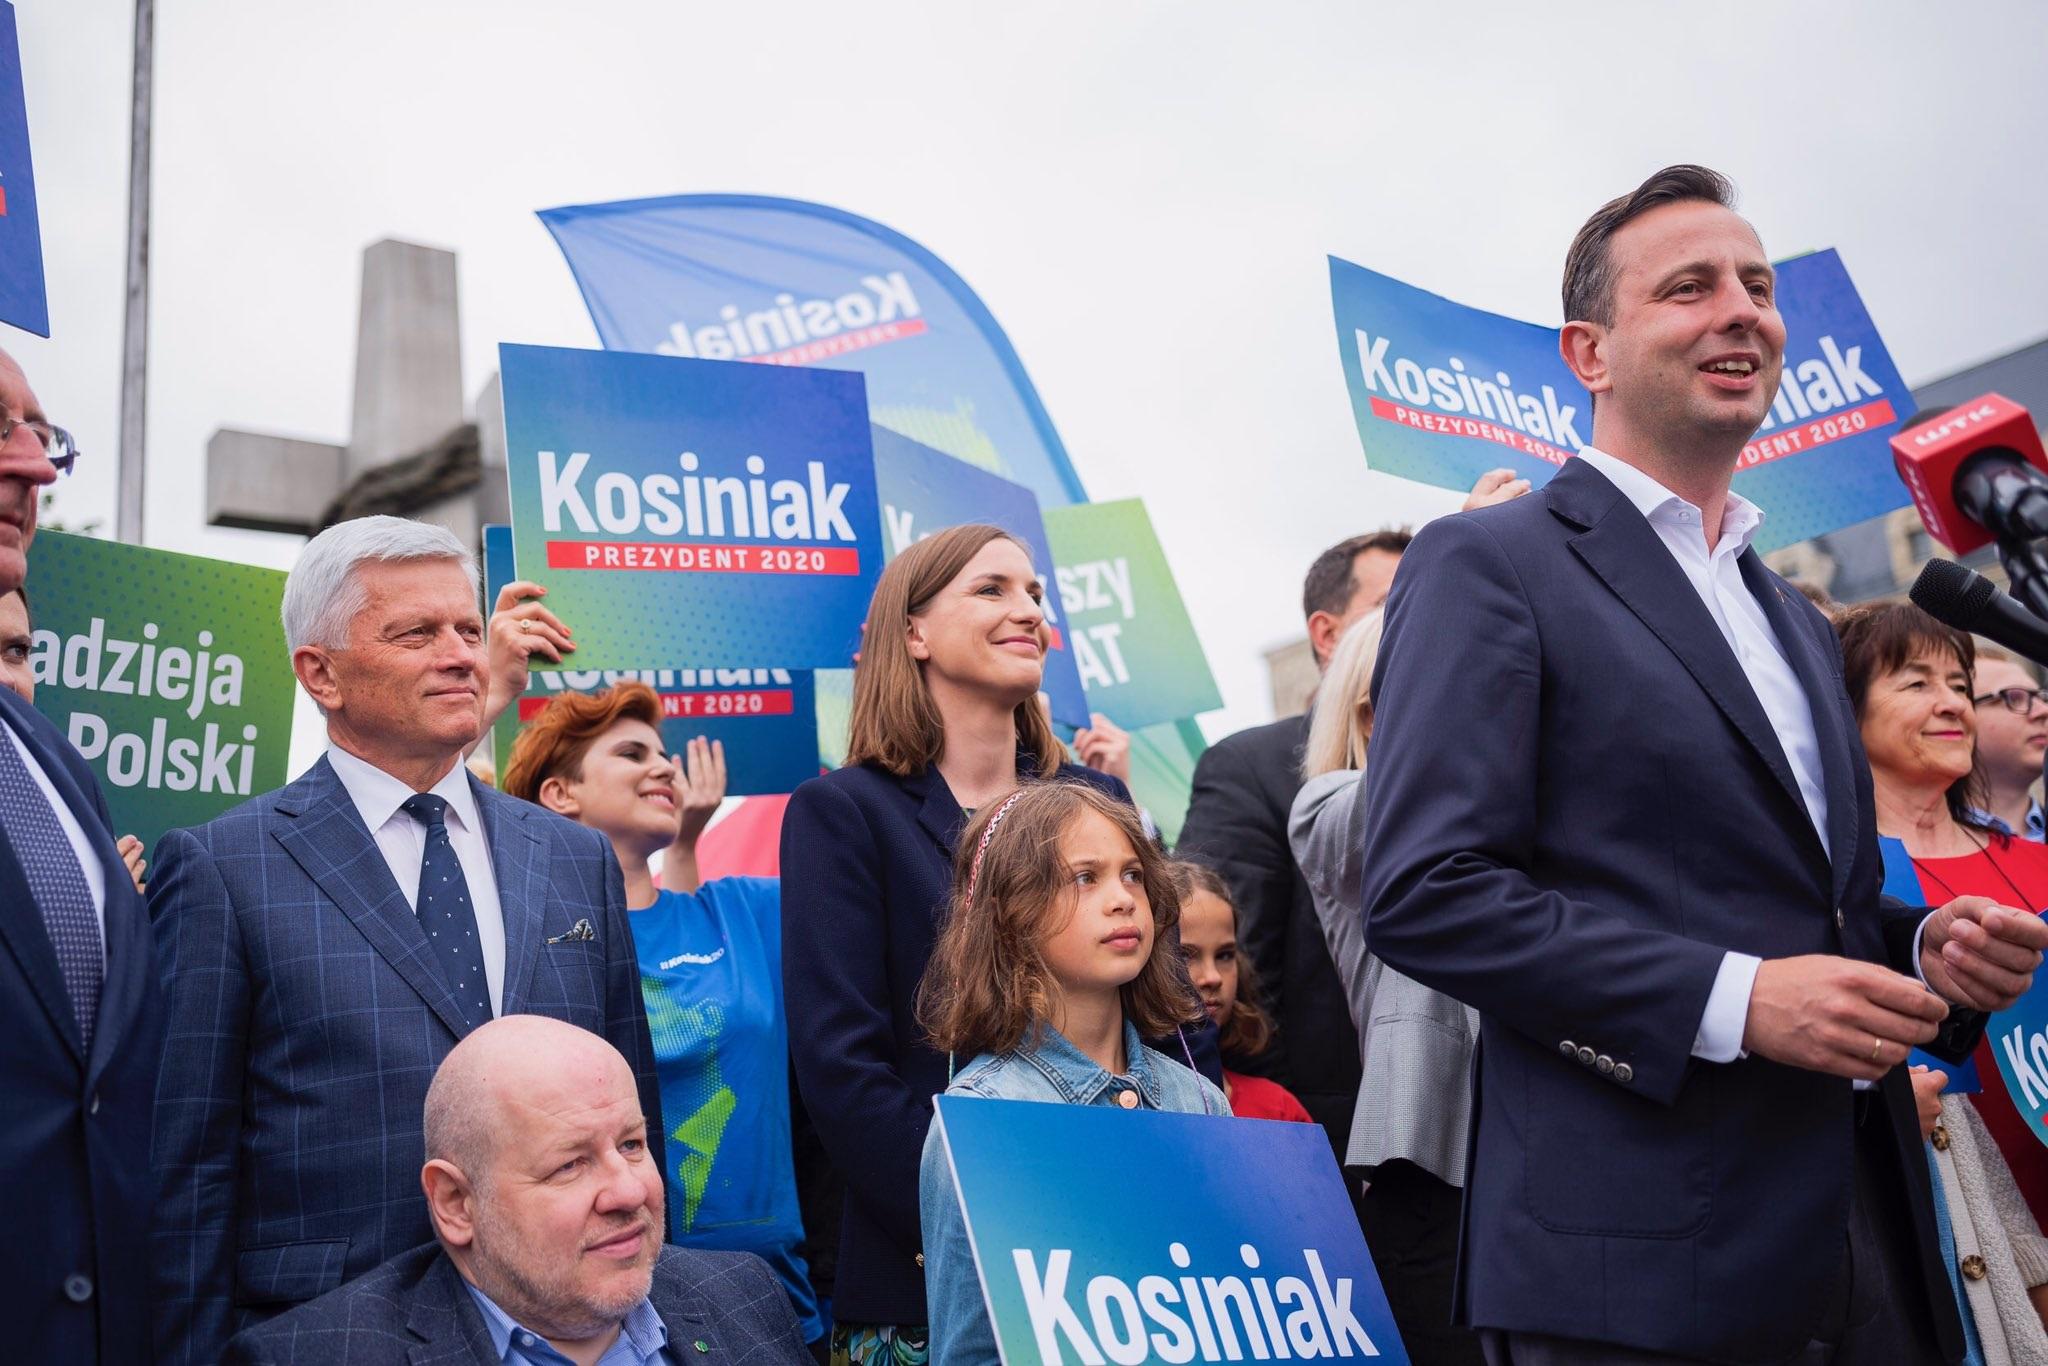 Kosiniak-Kamysz leszno - TT: Władysław Kosiniak-Kamysz